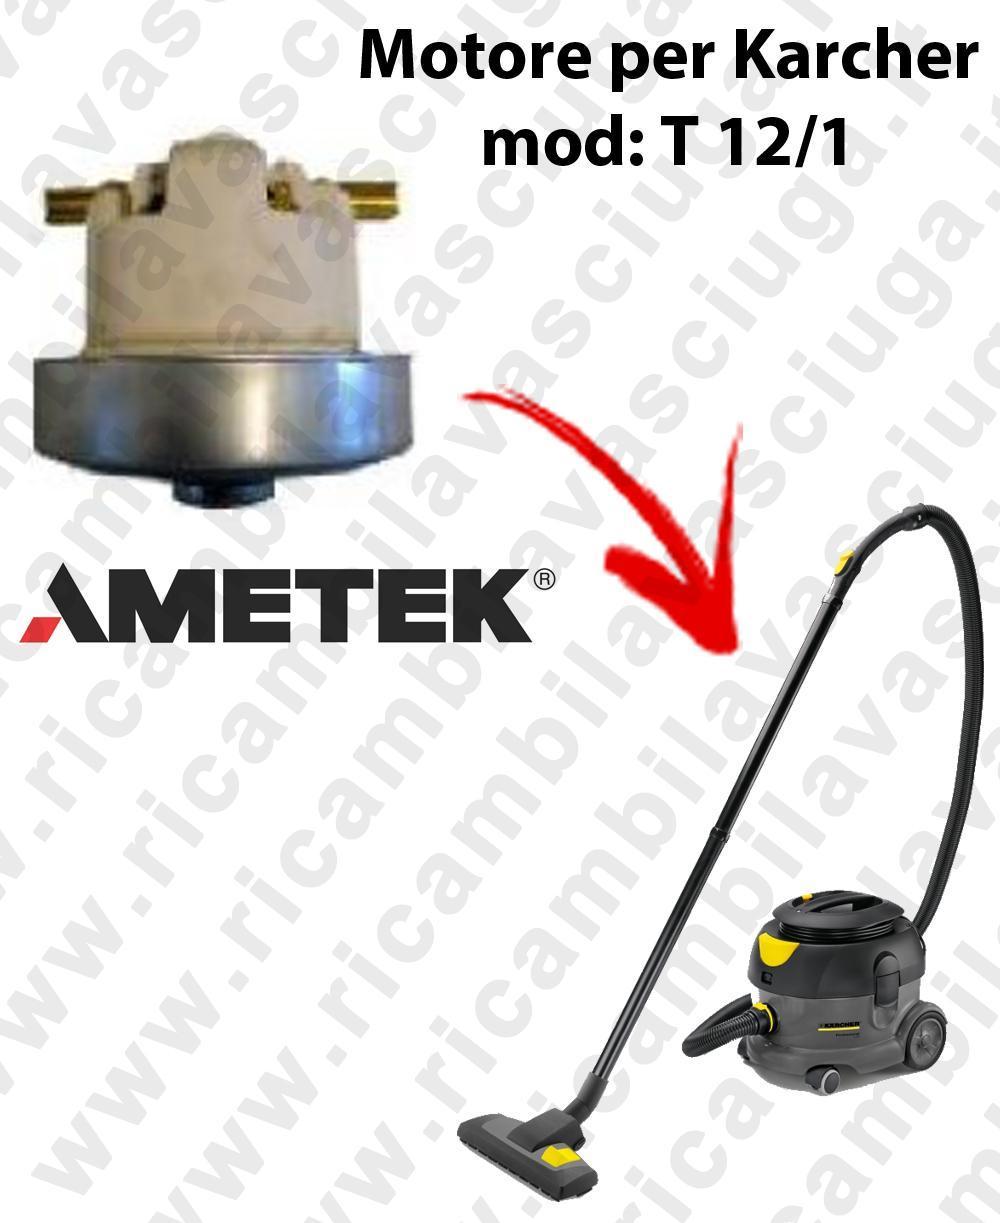 T12/1  Motore de aspiración AMETEK  para aspiradora KARCHER